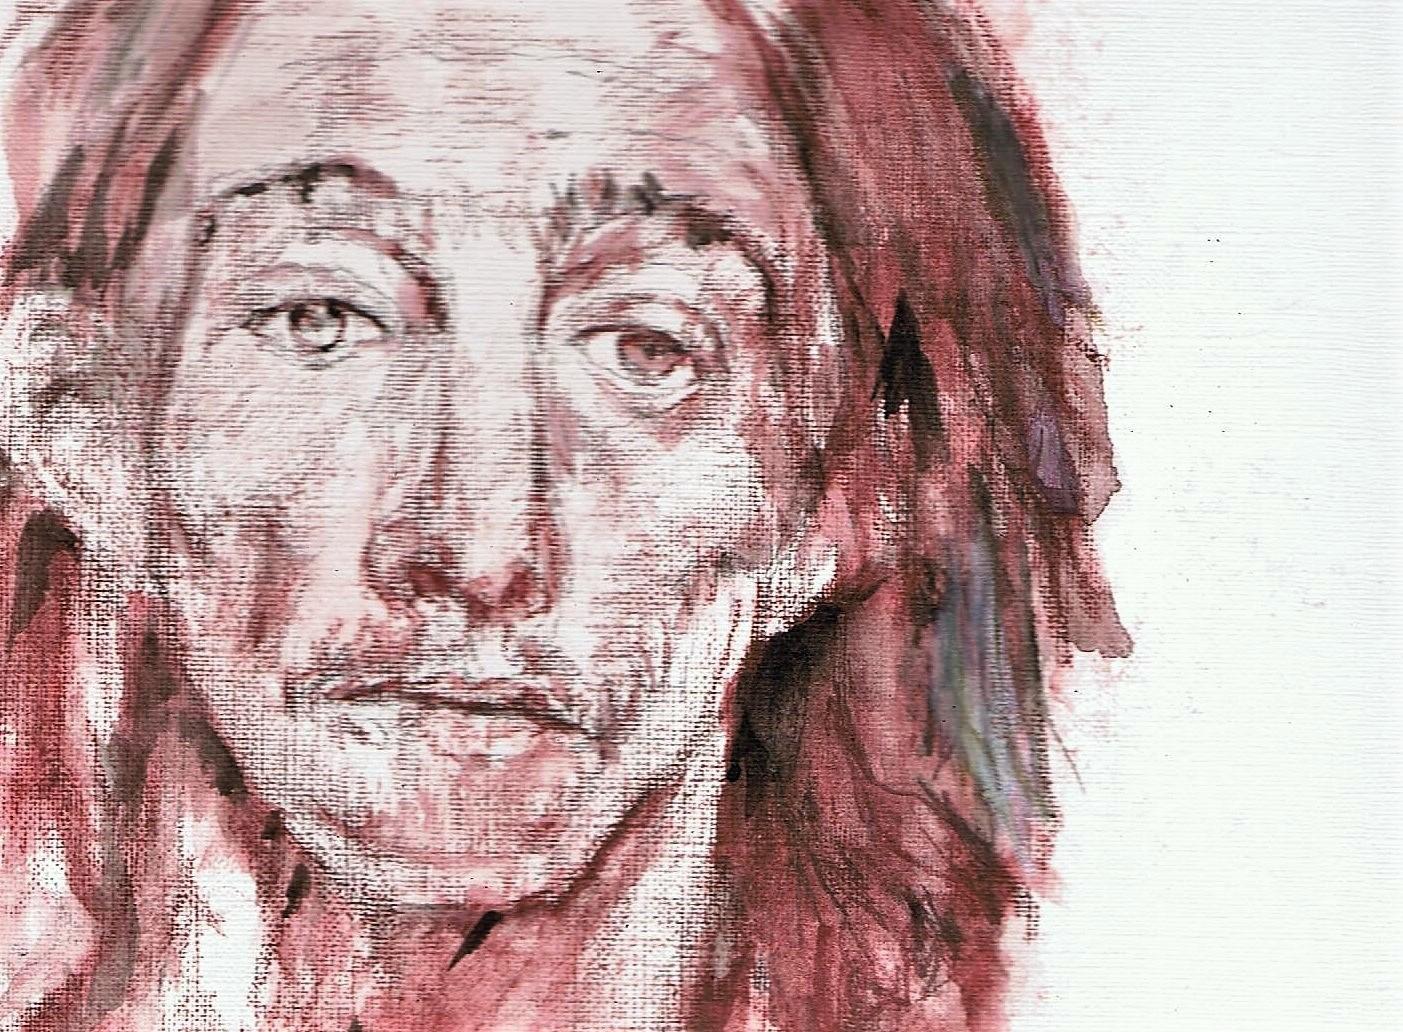 365 dagen een portret, dag 4 Mijnwerker Colorado Aquarel op papier